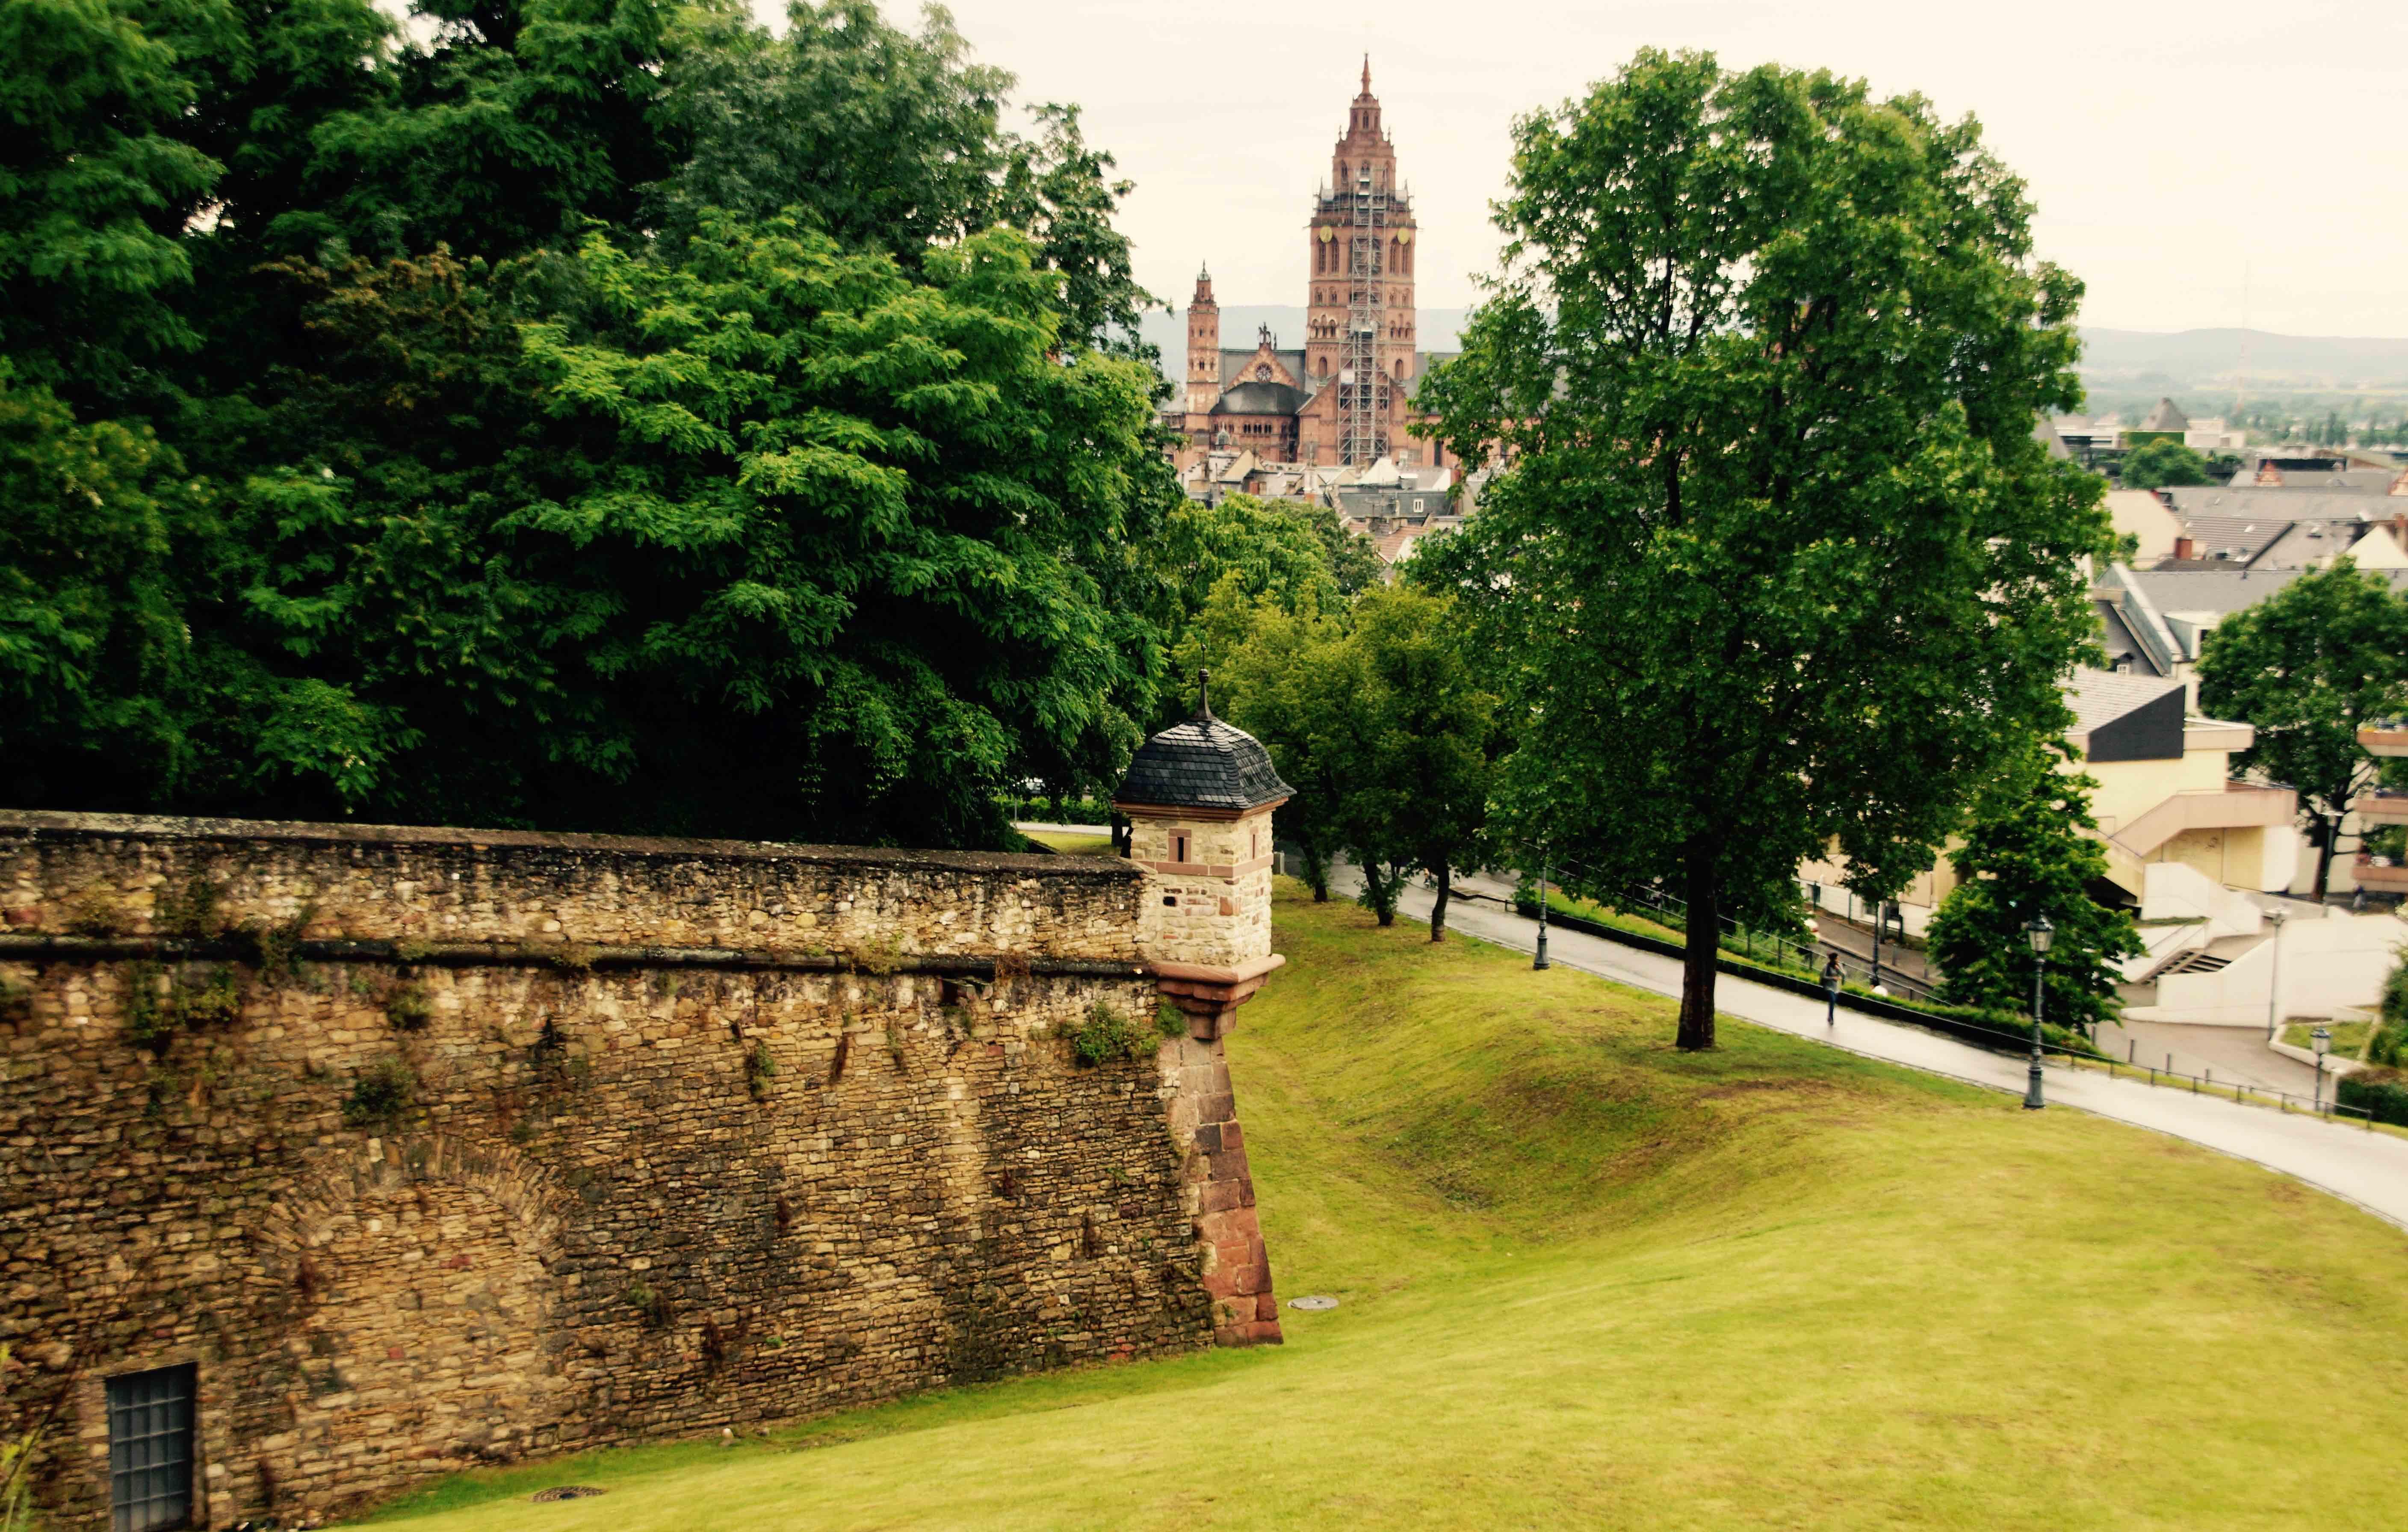 Blick von der Zitadelle auf die Mainzer Altstadt.